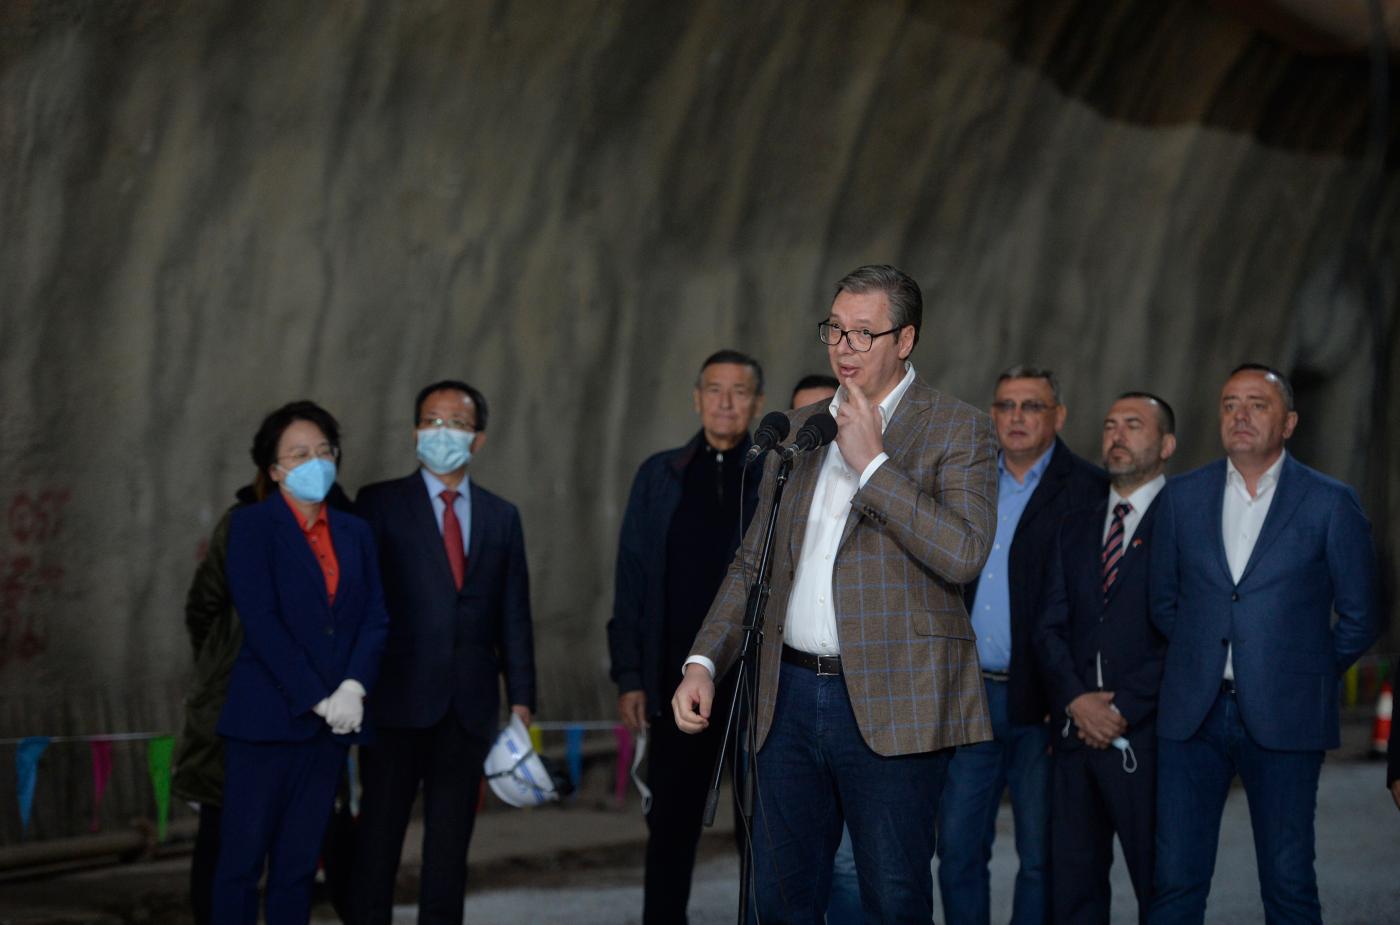 """反驳""""中国威胁论"""",塞尔维亚总统怒斥西方:别想让我批评中国"""